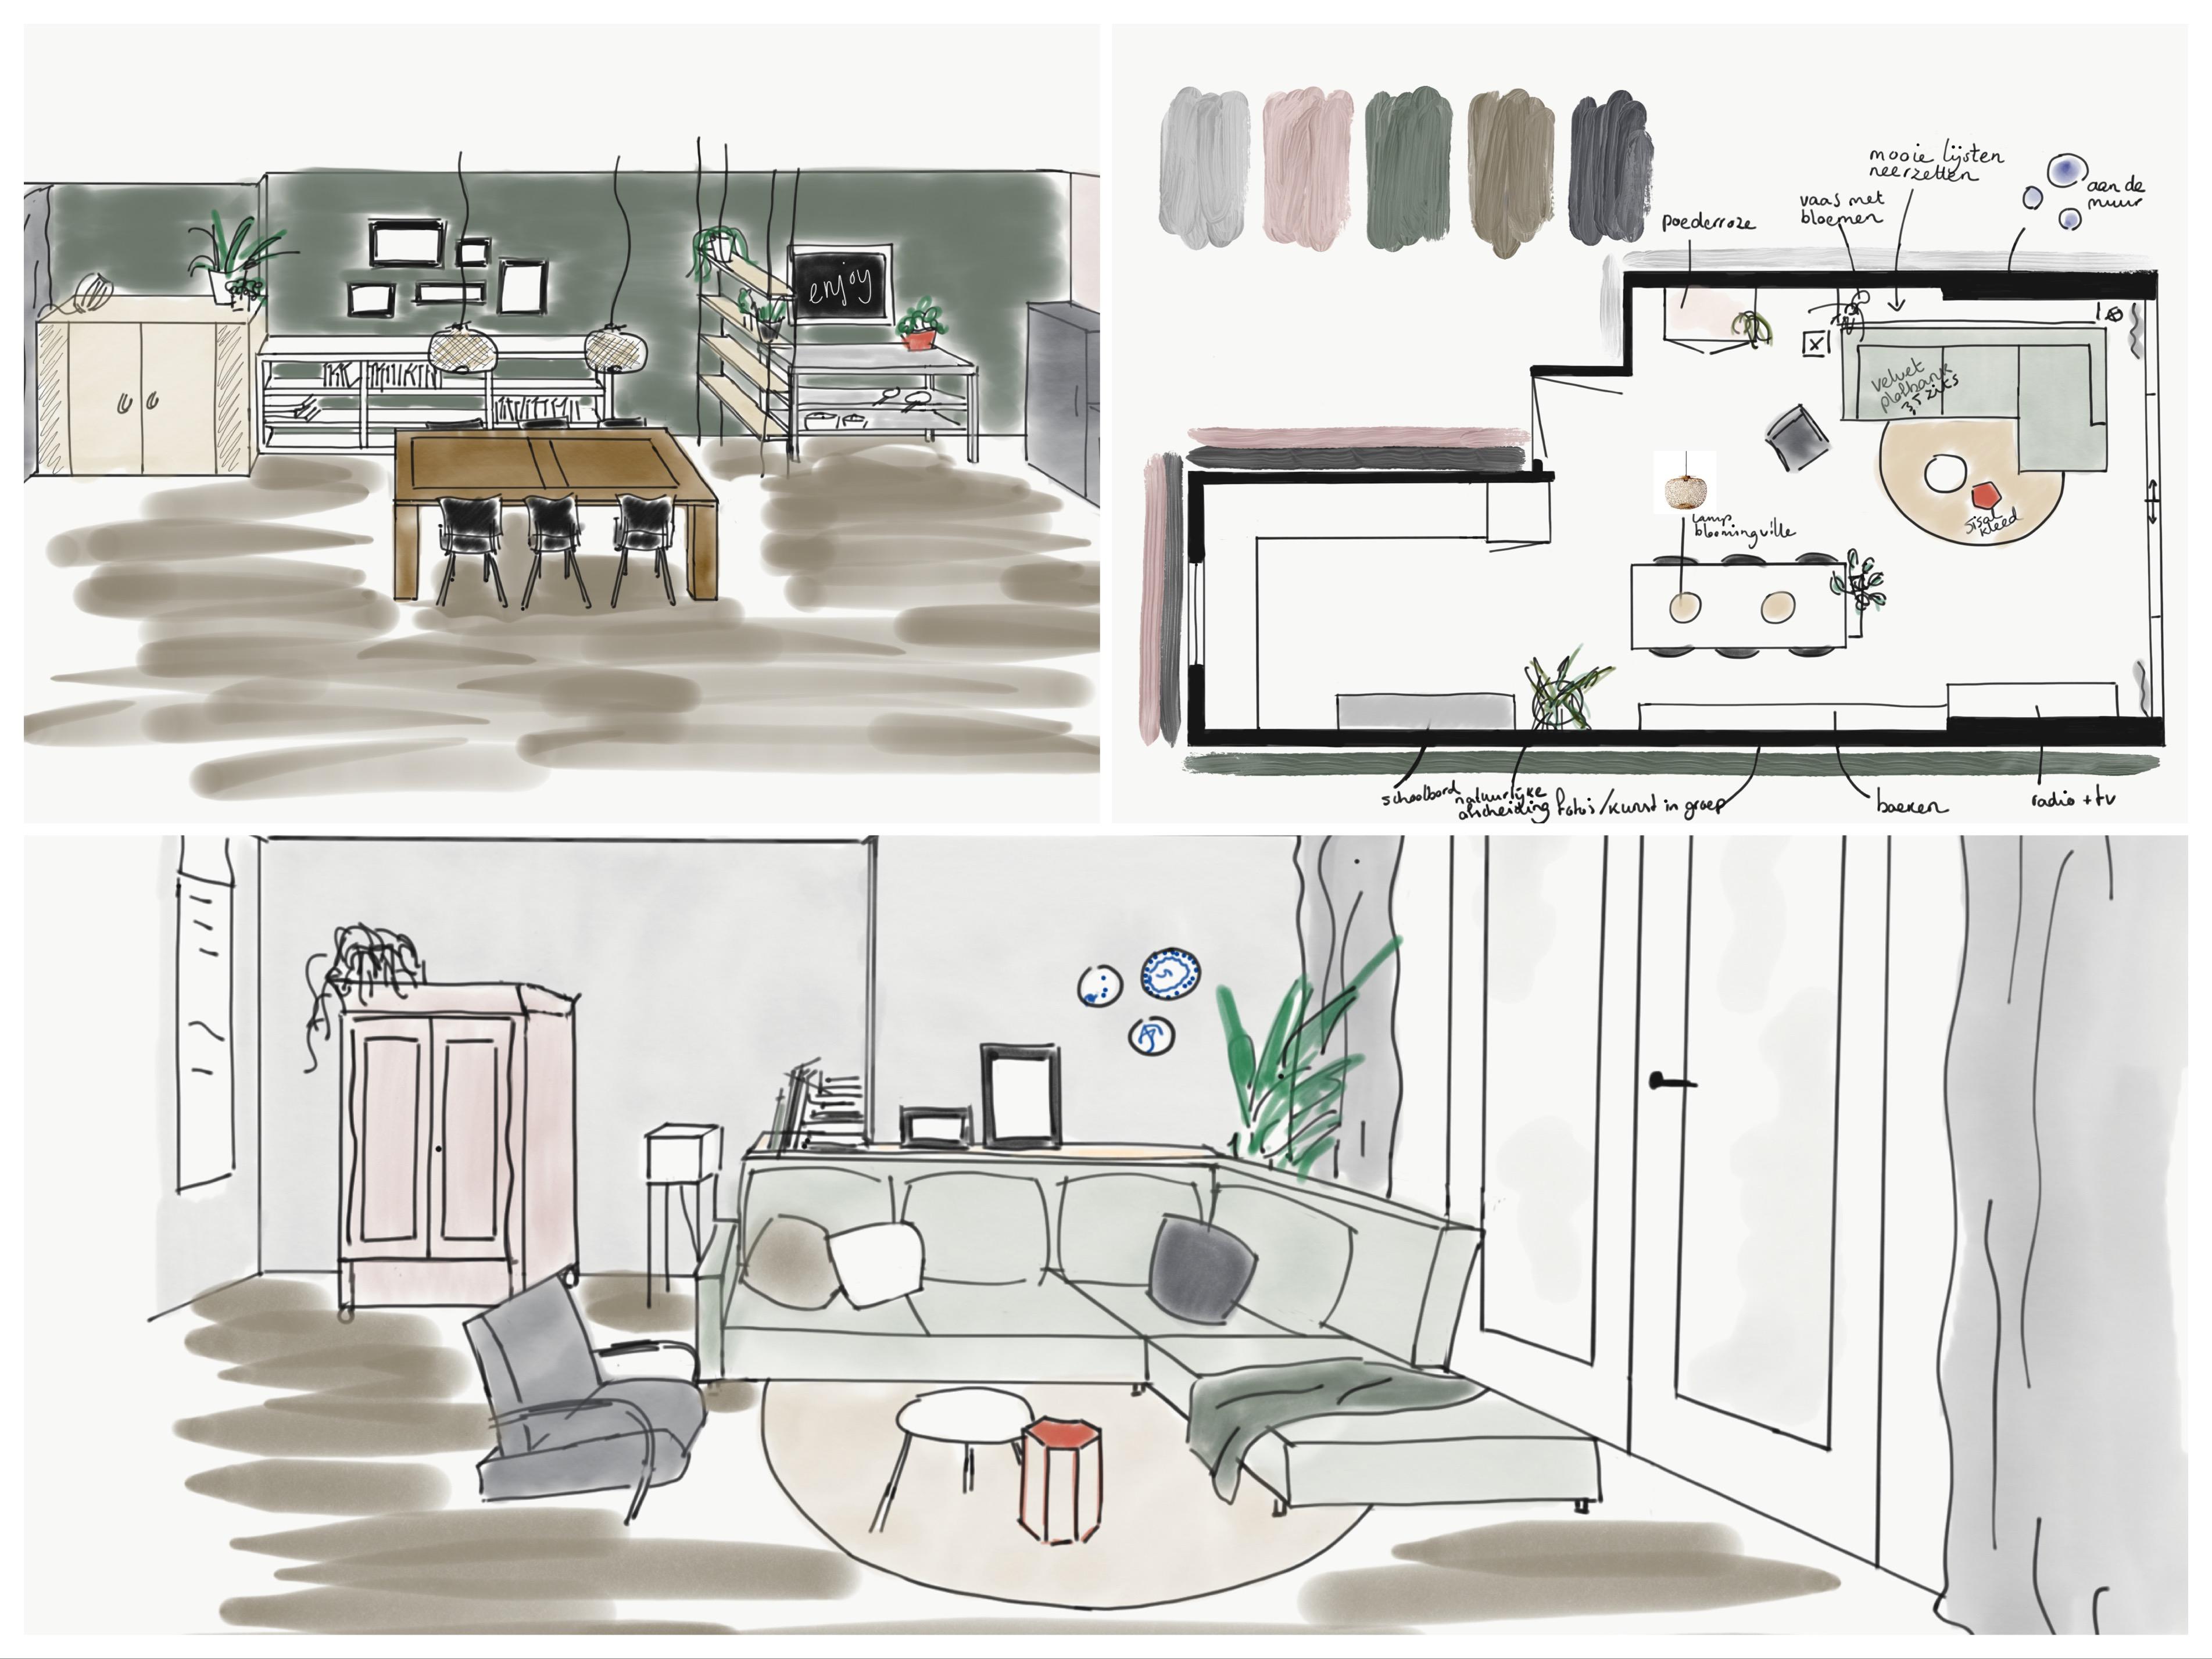 totaalontwerp TOET wonen - interieurstudio